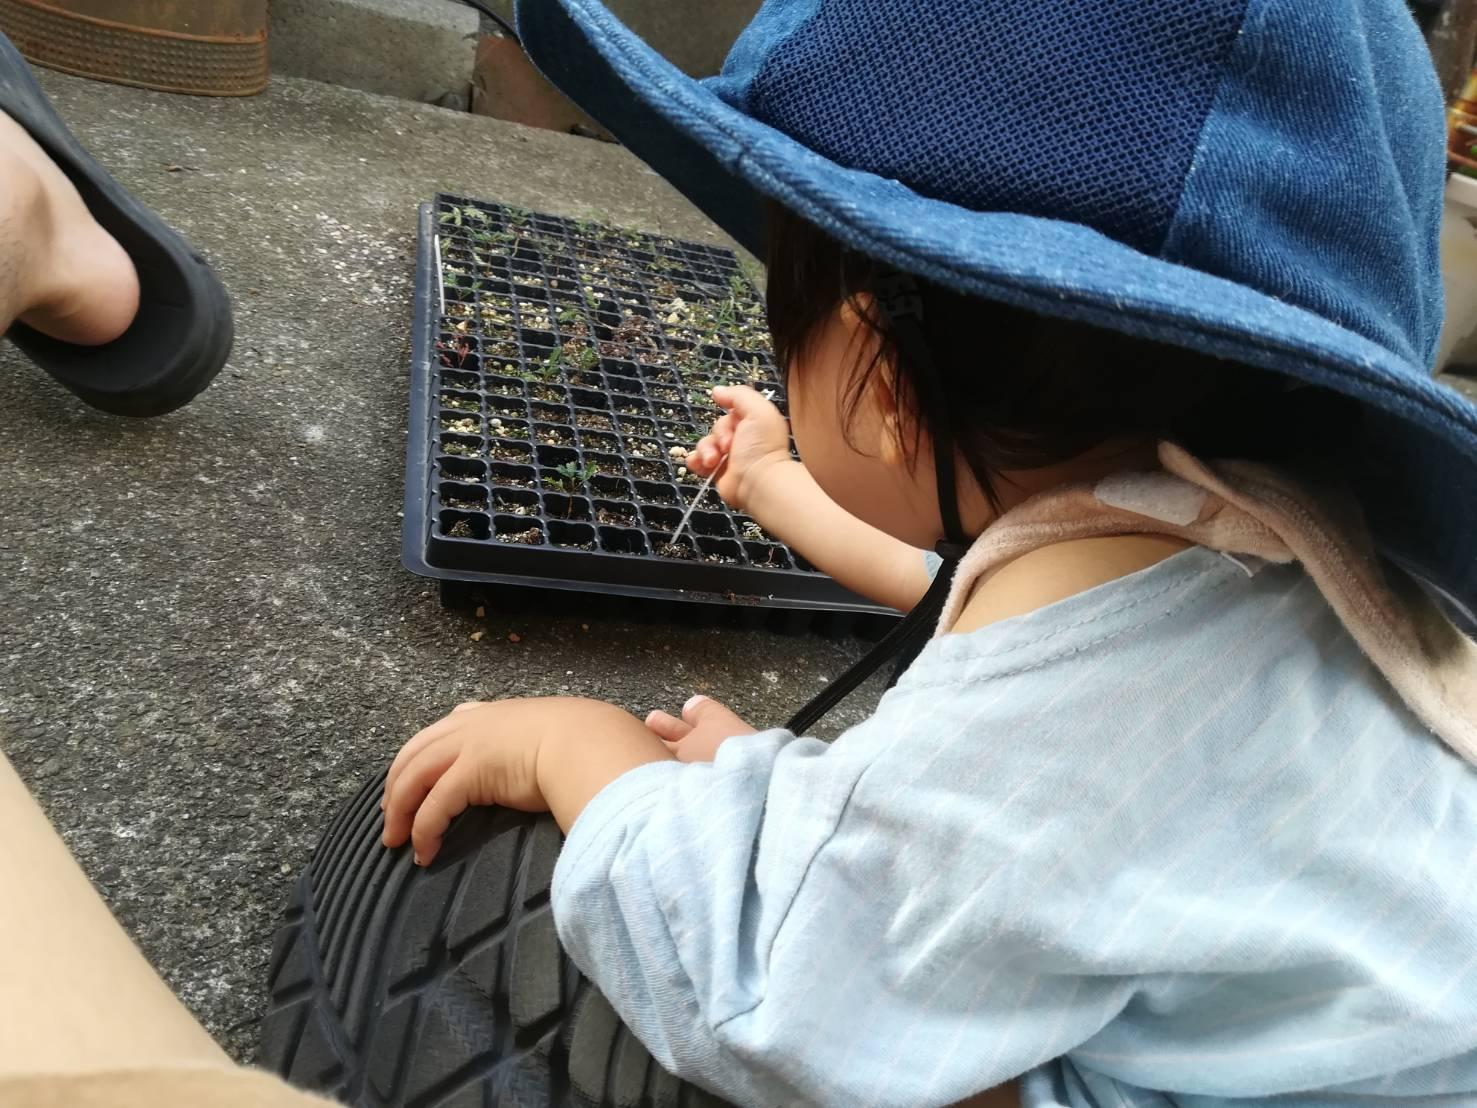 実生ミモザの発芽率検証結果。≪播種2ヶ月で植え替え×銀葉アカシア×成長記録≫